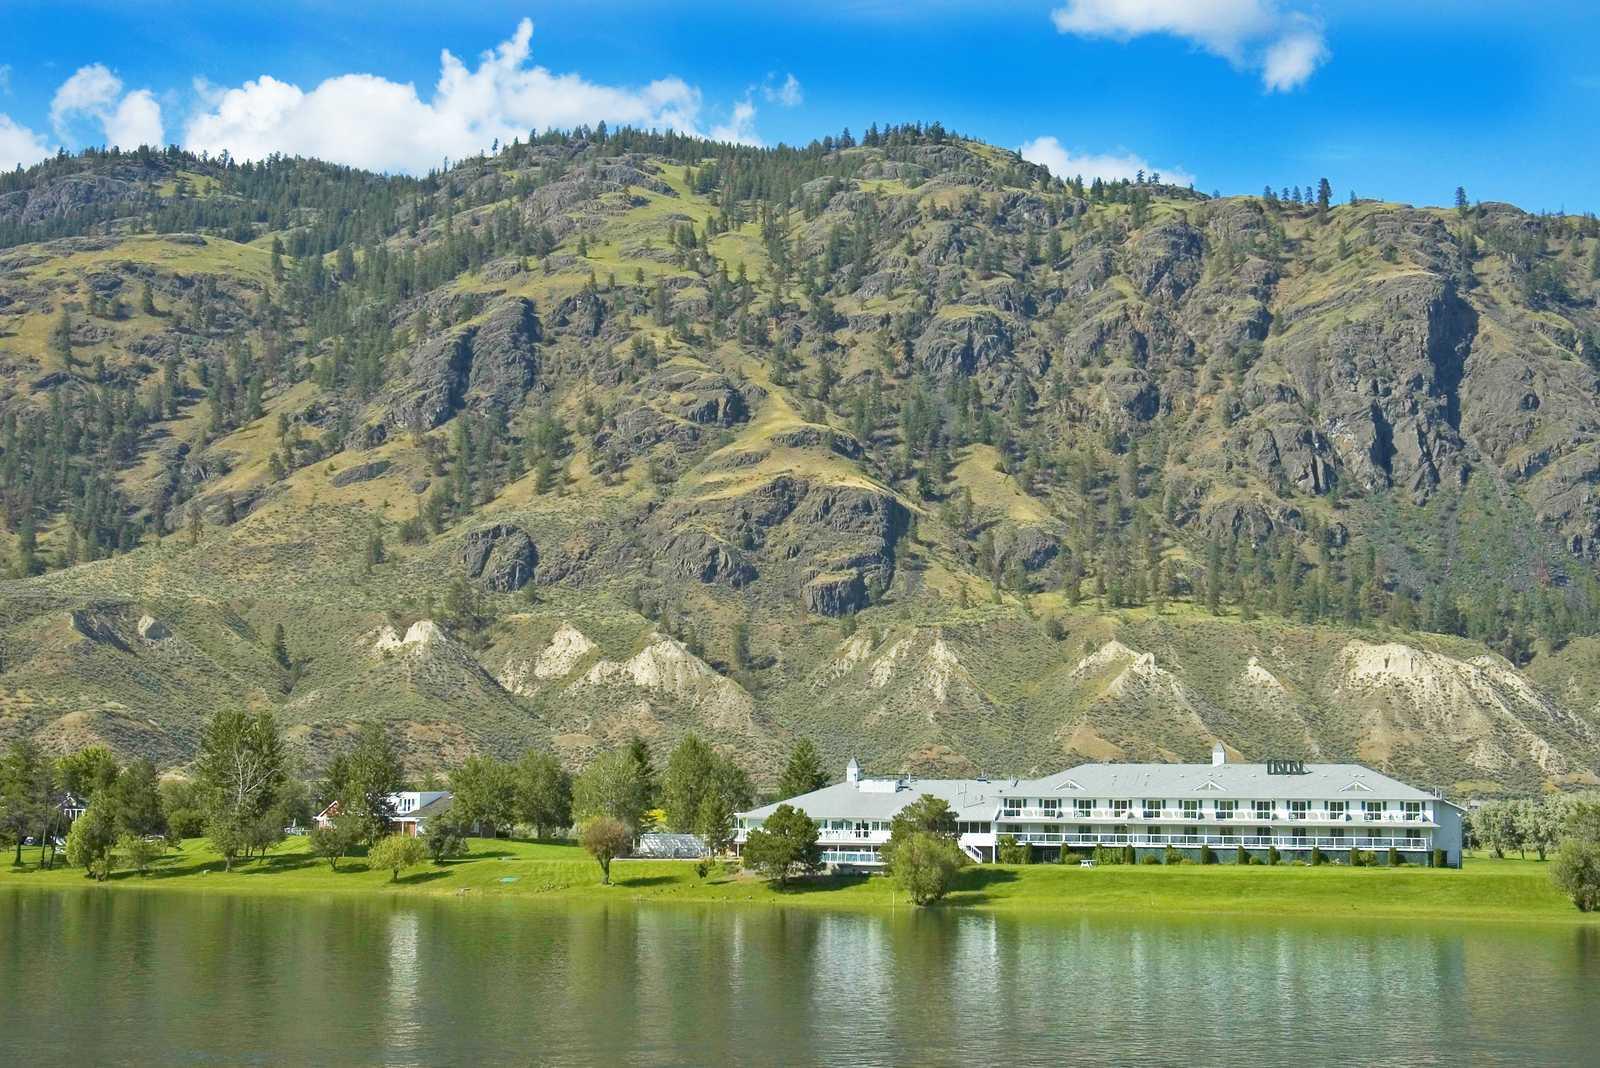 South Thompson Inn & Guest Ranch